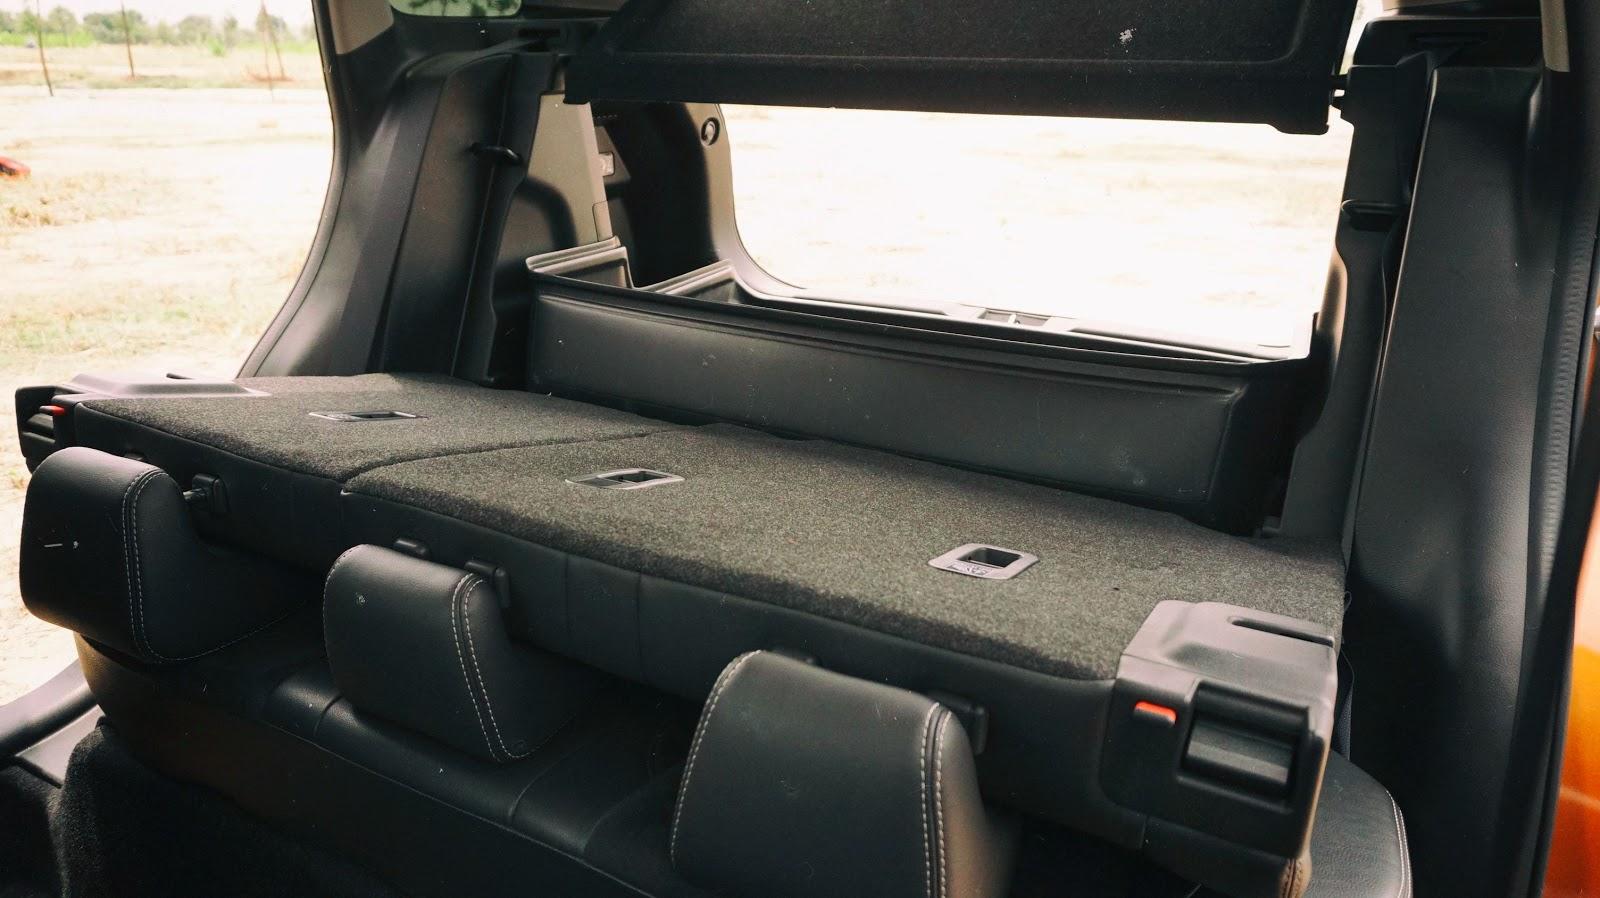 Nếu hạ hàng ghế thứ hai xuống, dung tích có thể tăng lên đến hơn 700 lít, lúc đó có thể làm giường ngủ luôn cũng được